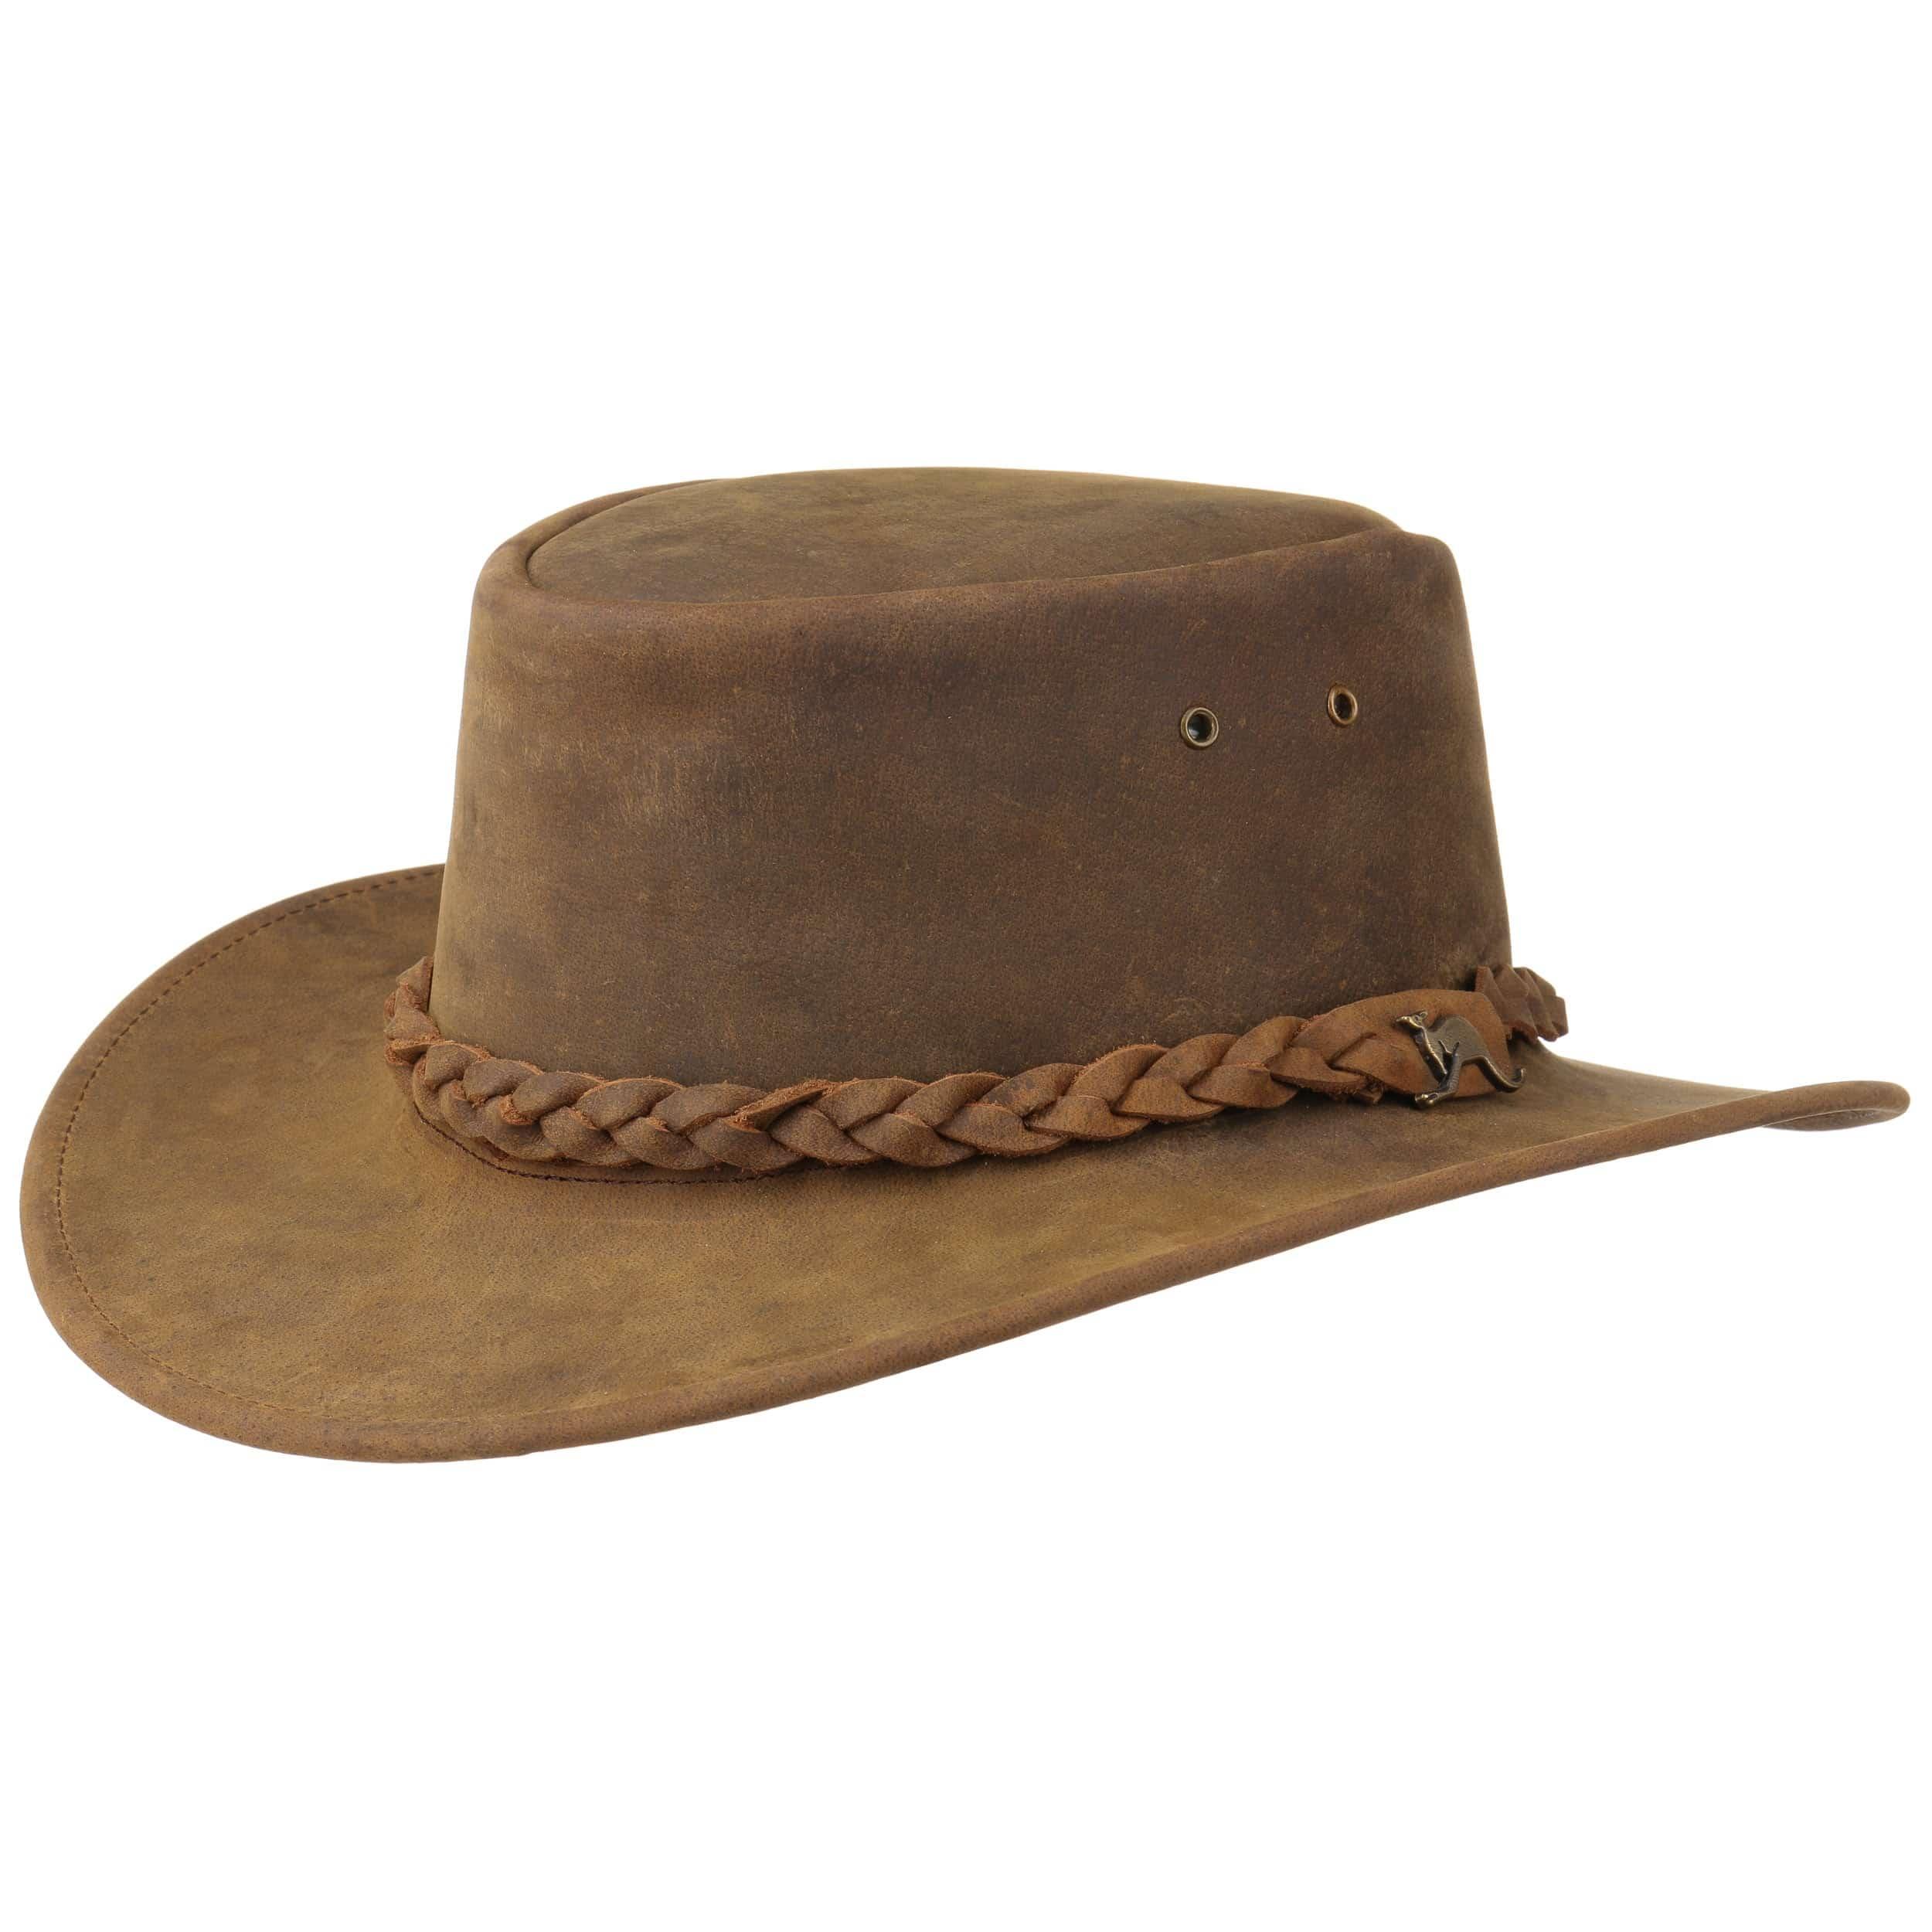 Sombrero Piel Nullarbor by Kakadu Traders - Sombreros - sombreroshop.es 52b959ec7670